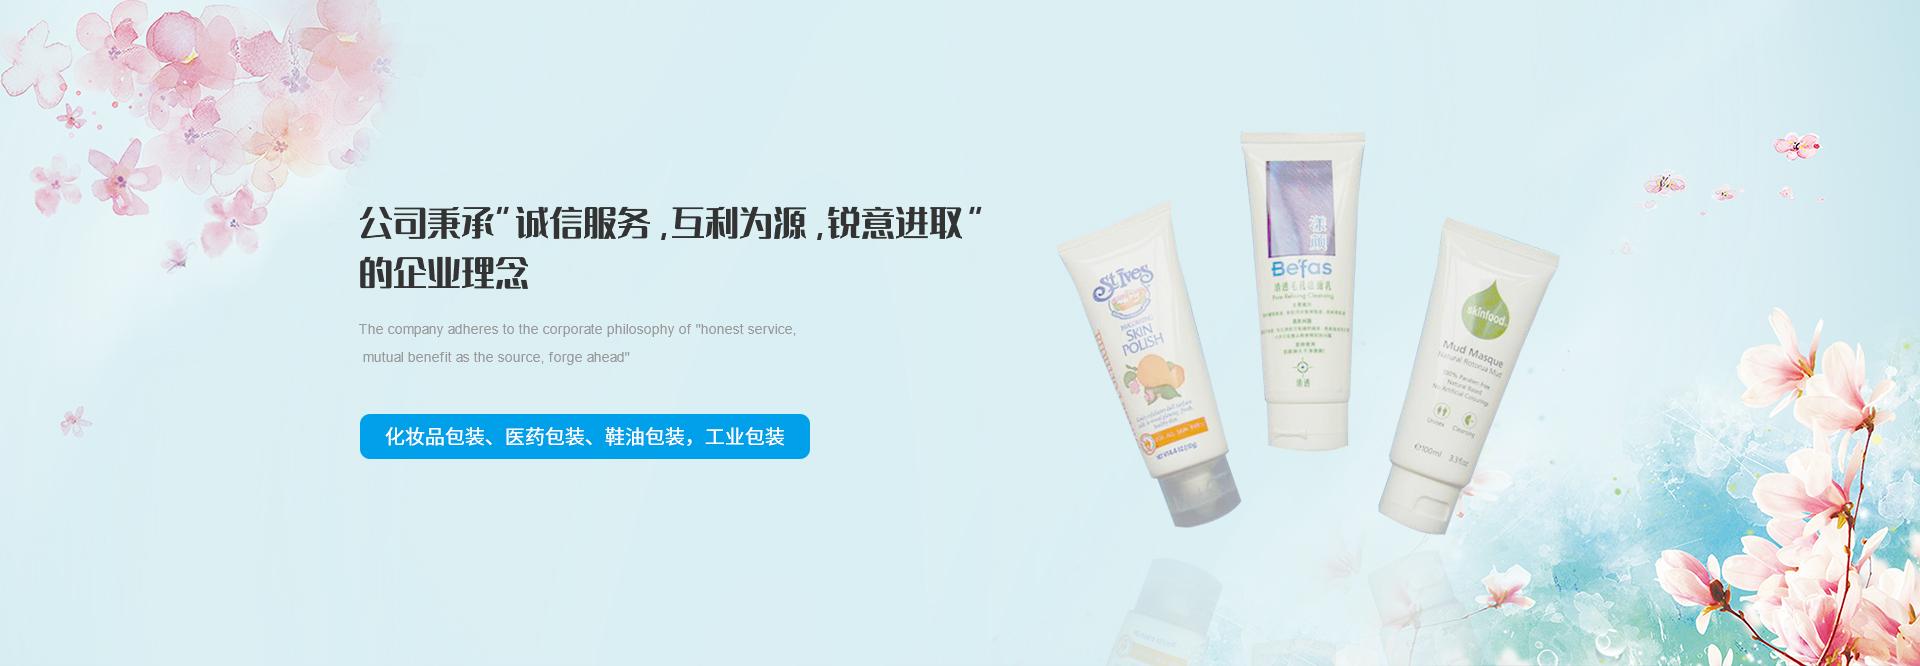 化妆品塑料软管